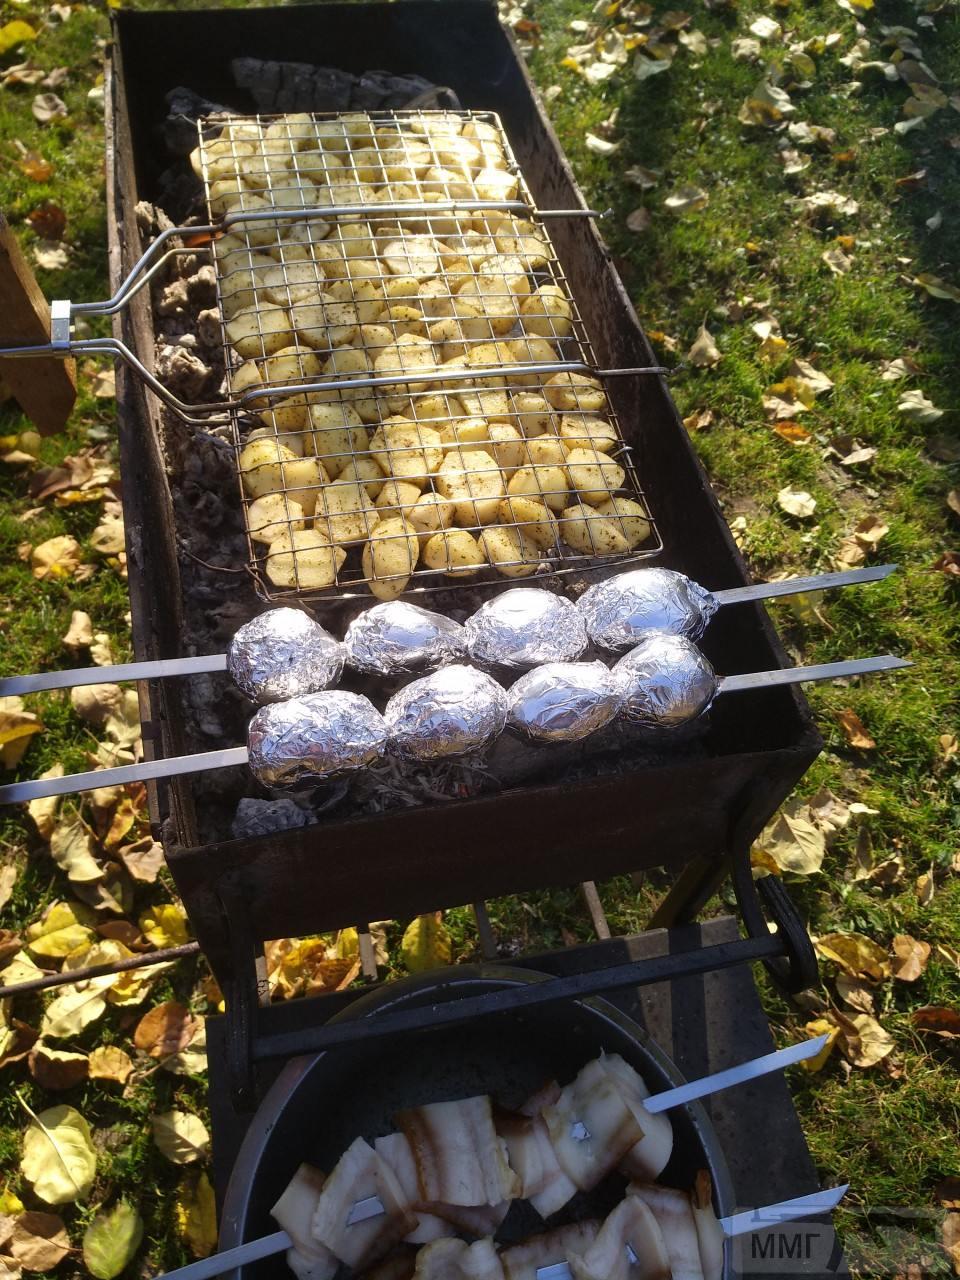 77839 - Закуски на огне (мангал, барбекю и т.д.) и кулинария вообще. Советы и рецепты.